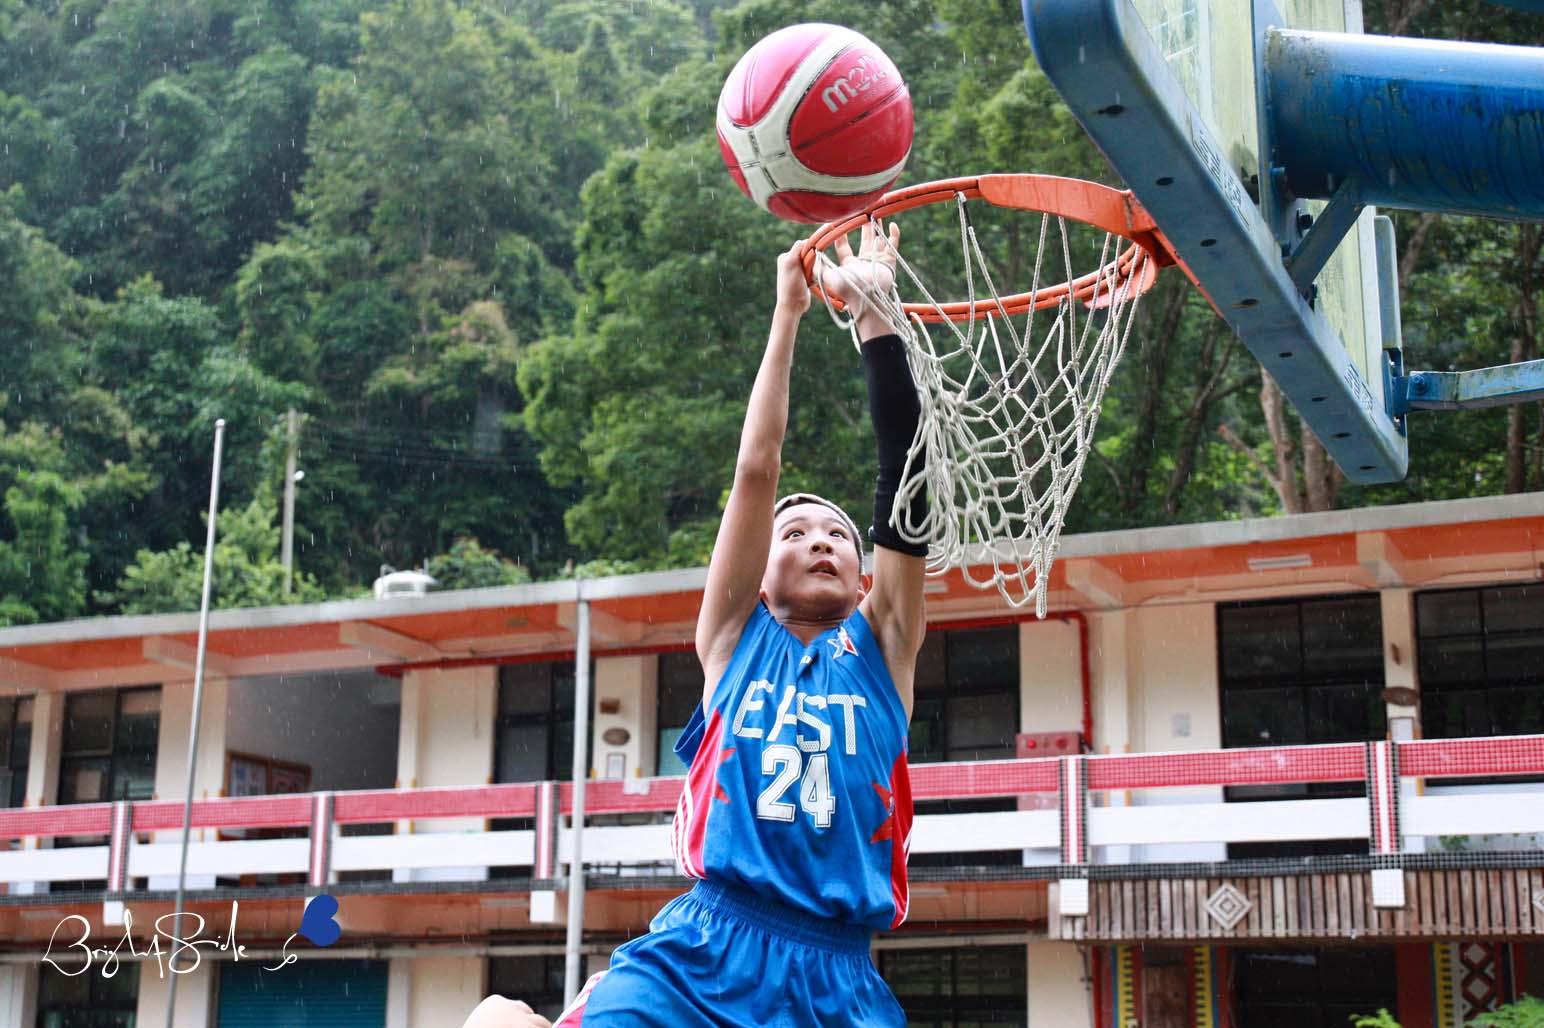 2014 7/19 Youth Basketball Program 少年籃球課程 III